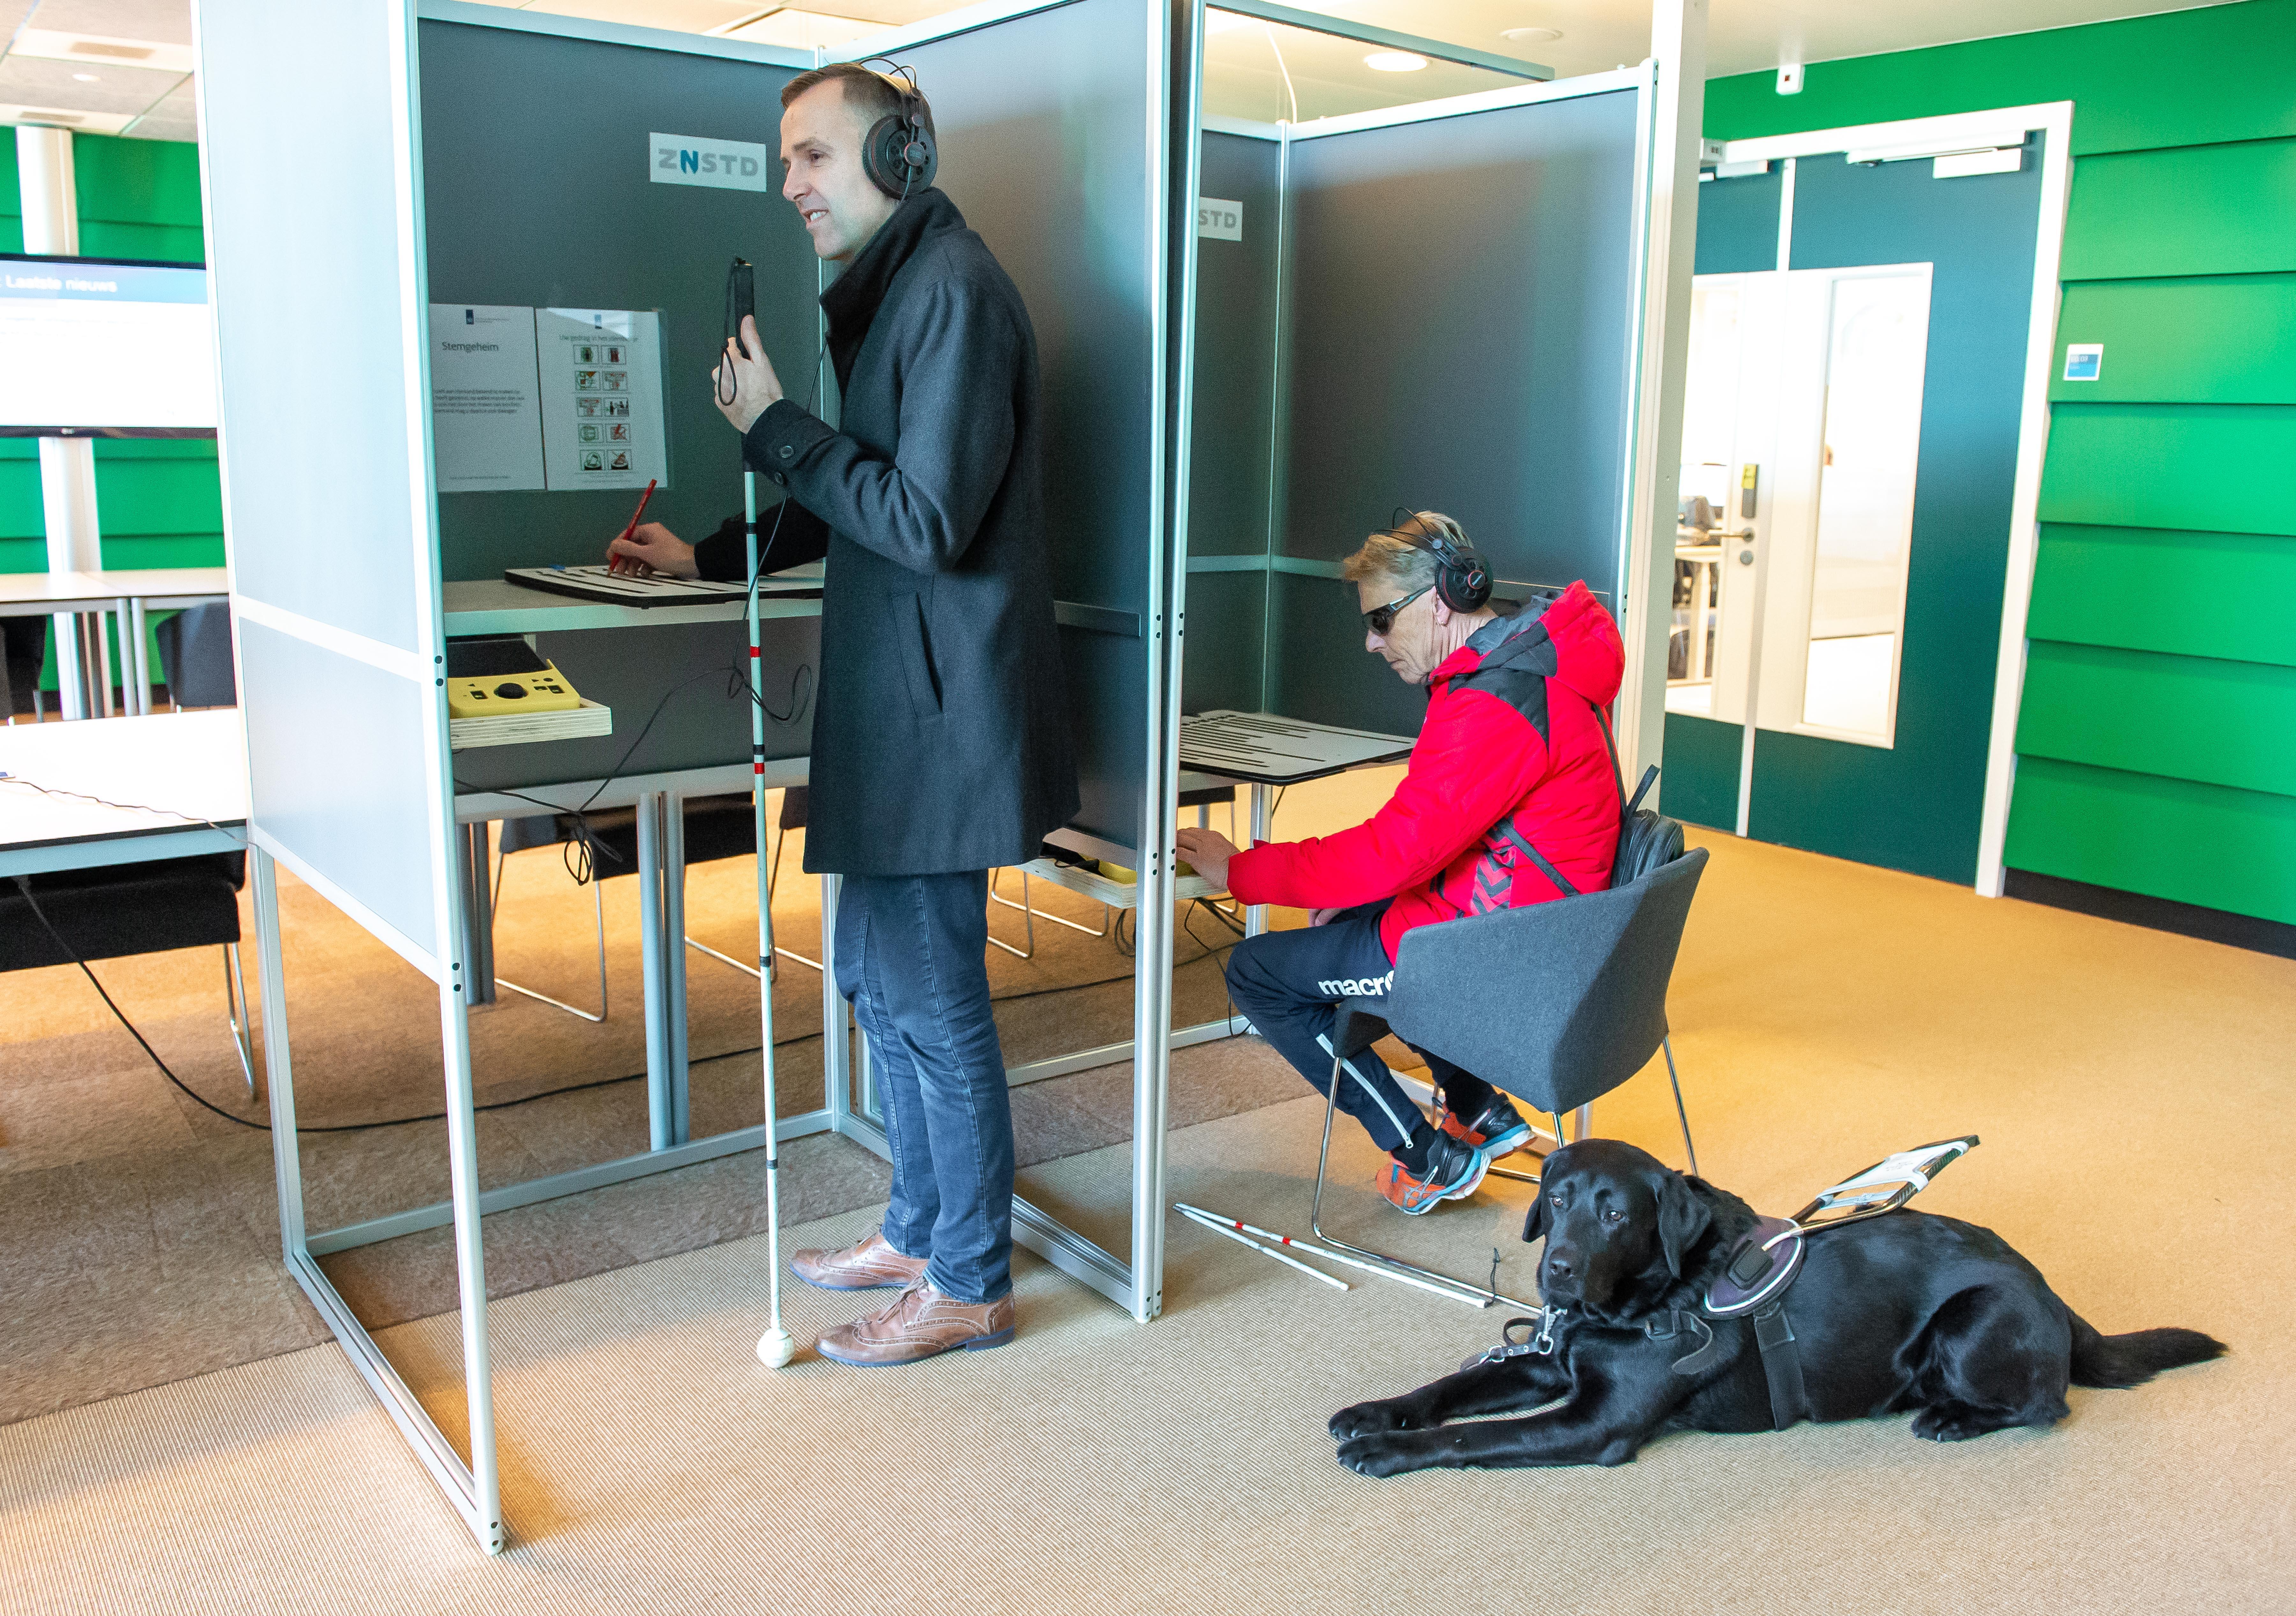 Stemlokalen in Zaanse verpleeghuizen alleen voor bewoners; stembureau voor blinden in stadhuis